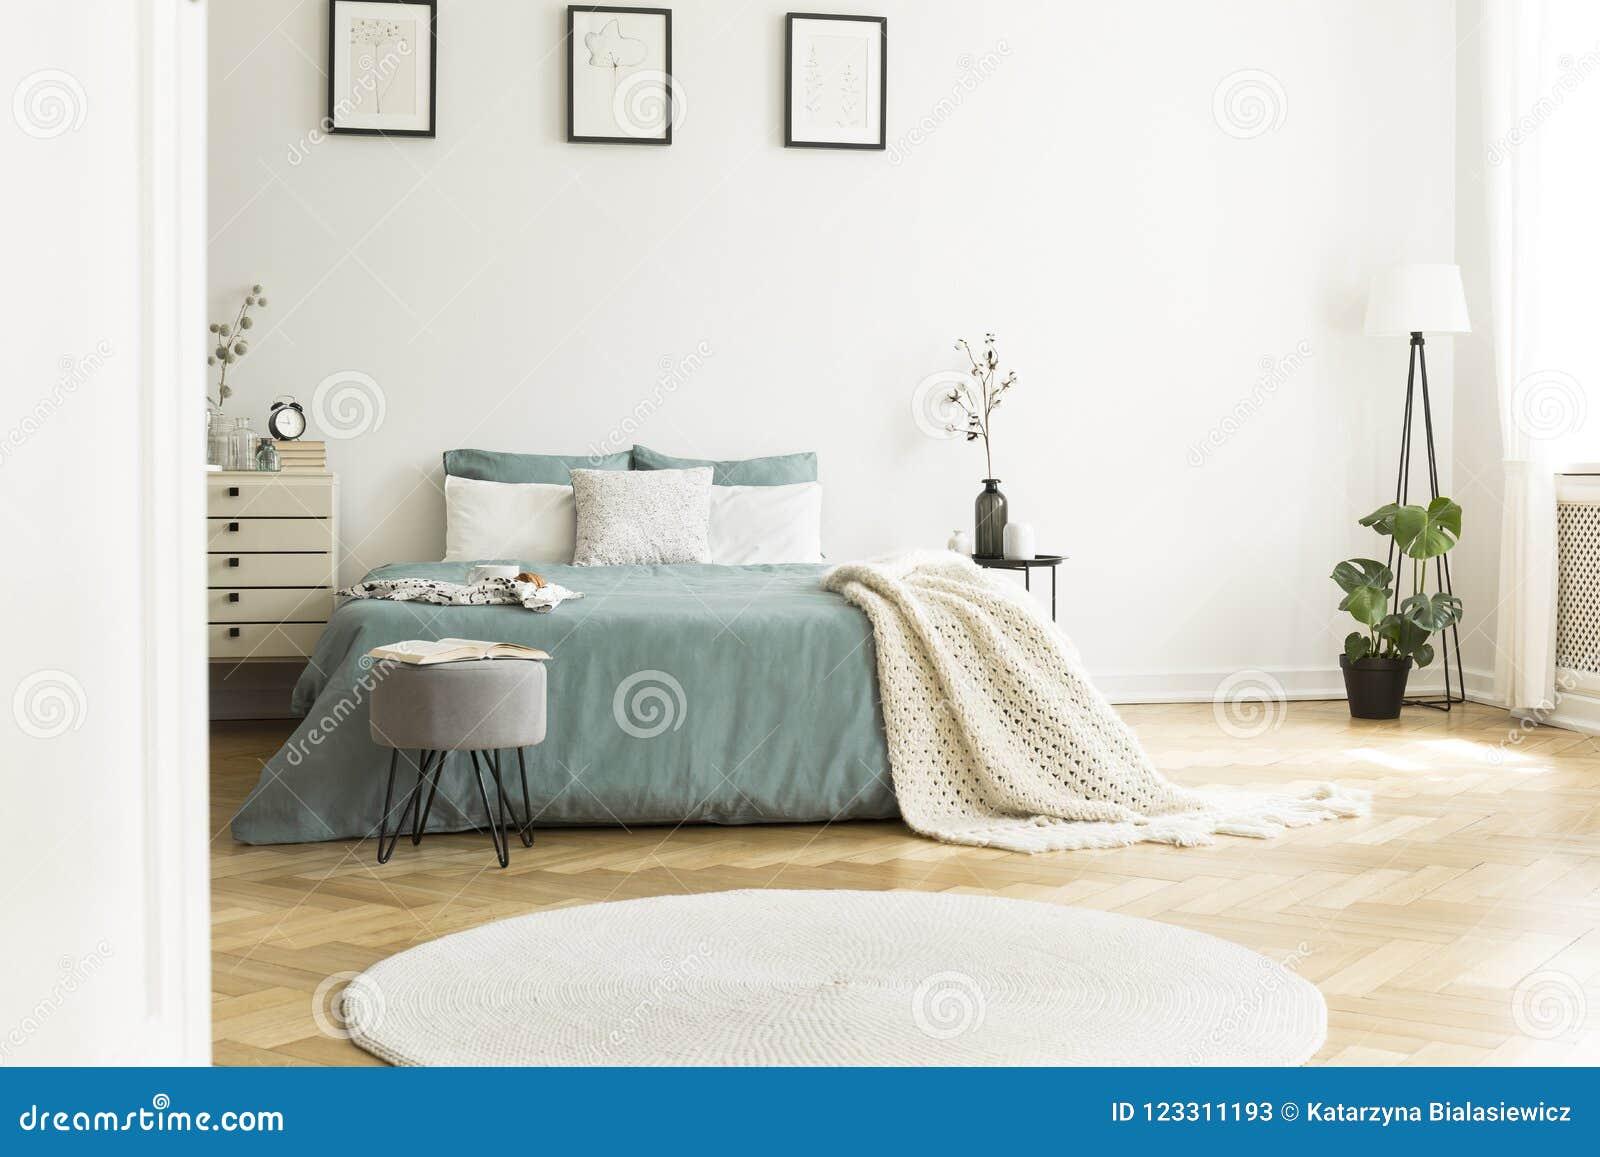 Witte ronde deken voor groen bed met binnen deken in slaapkamer